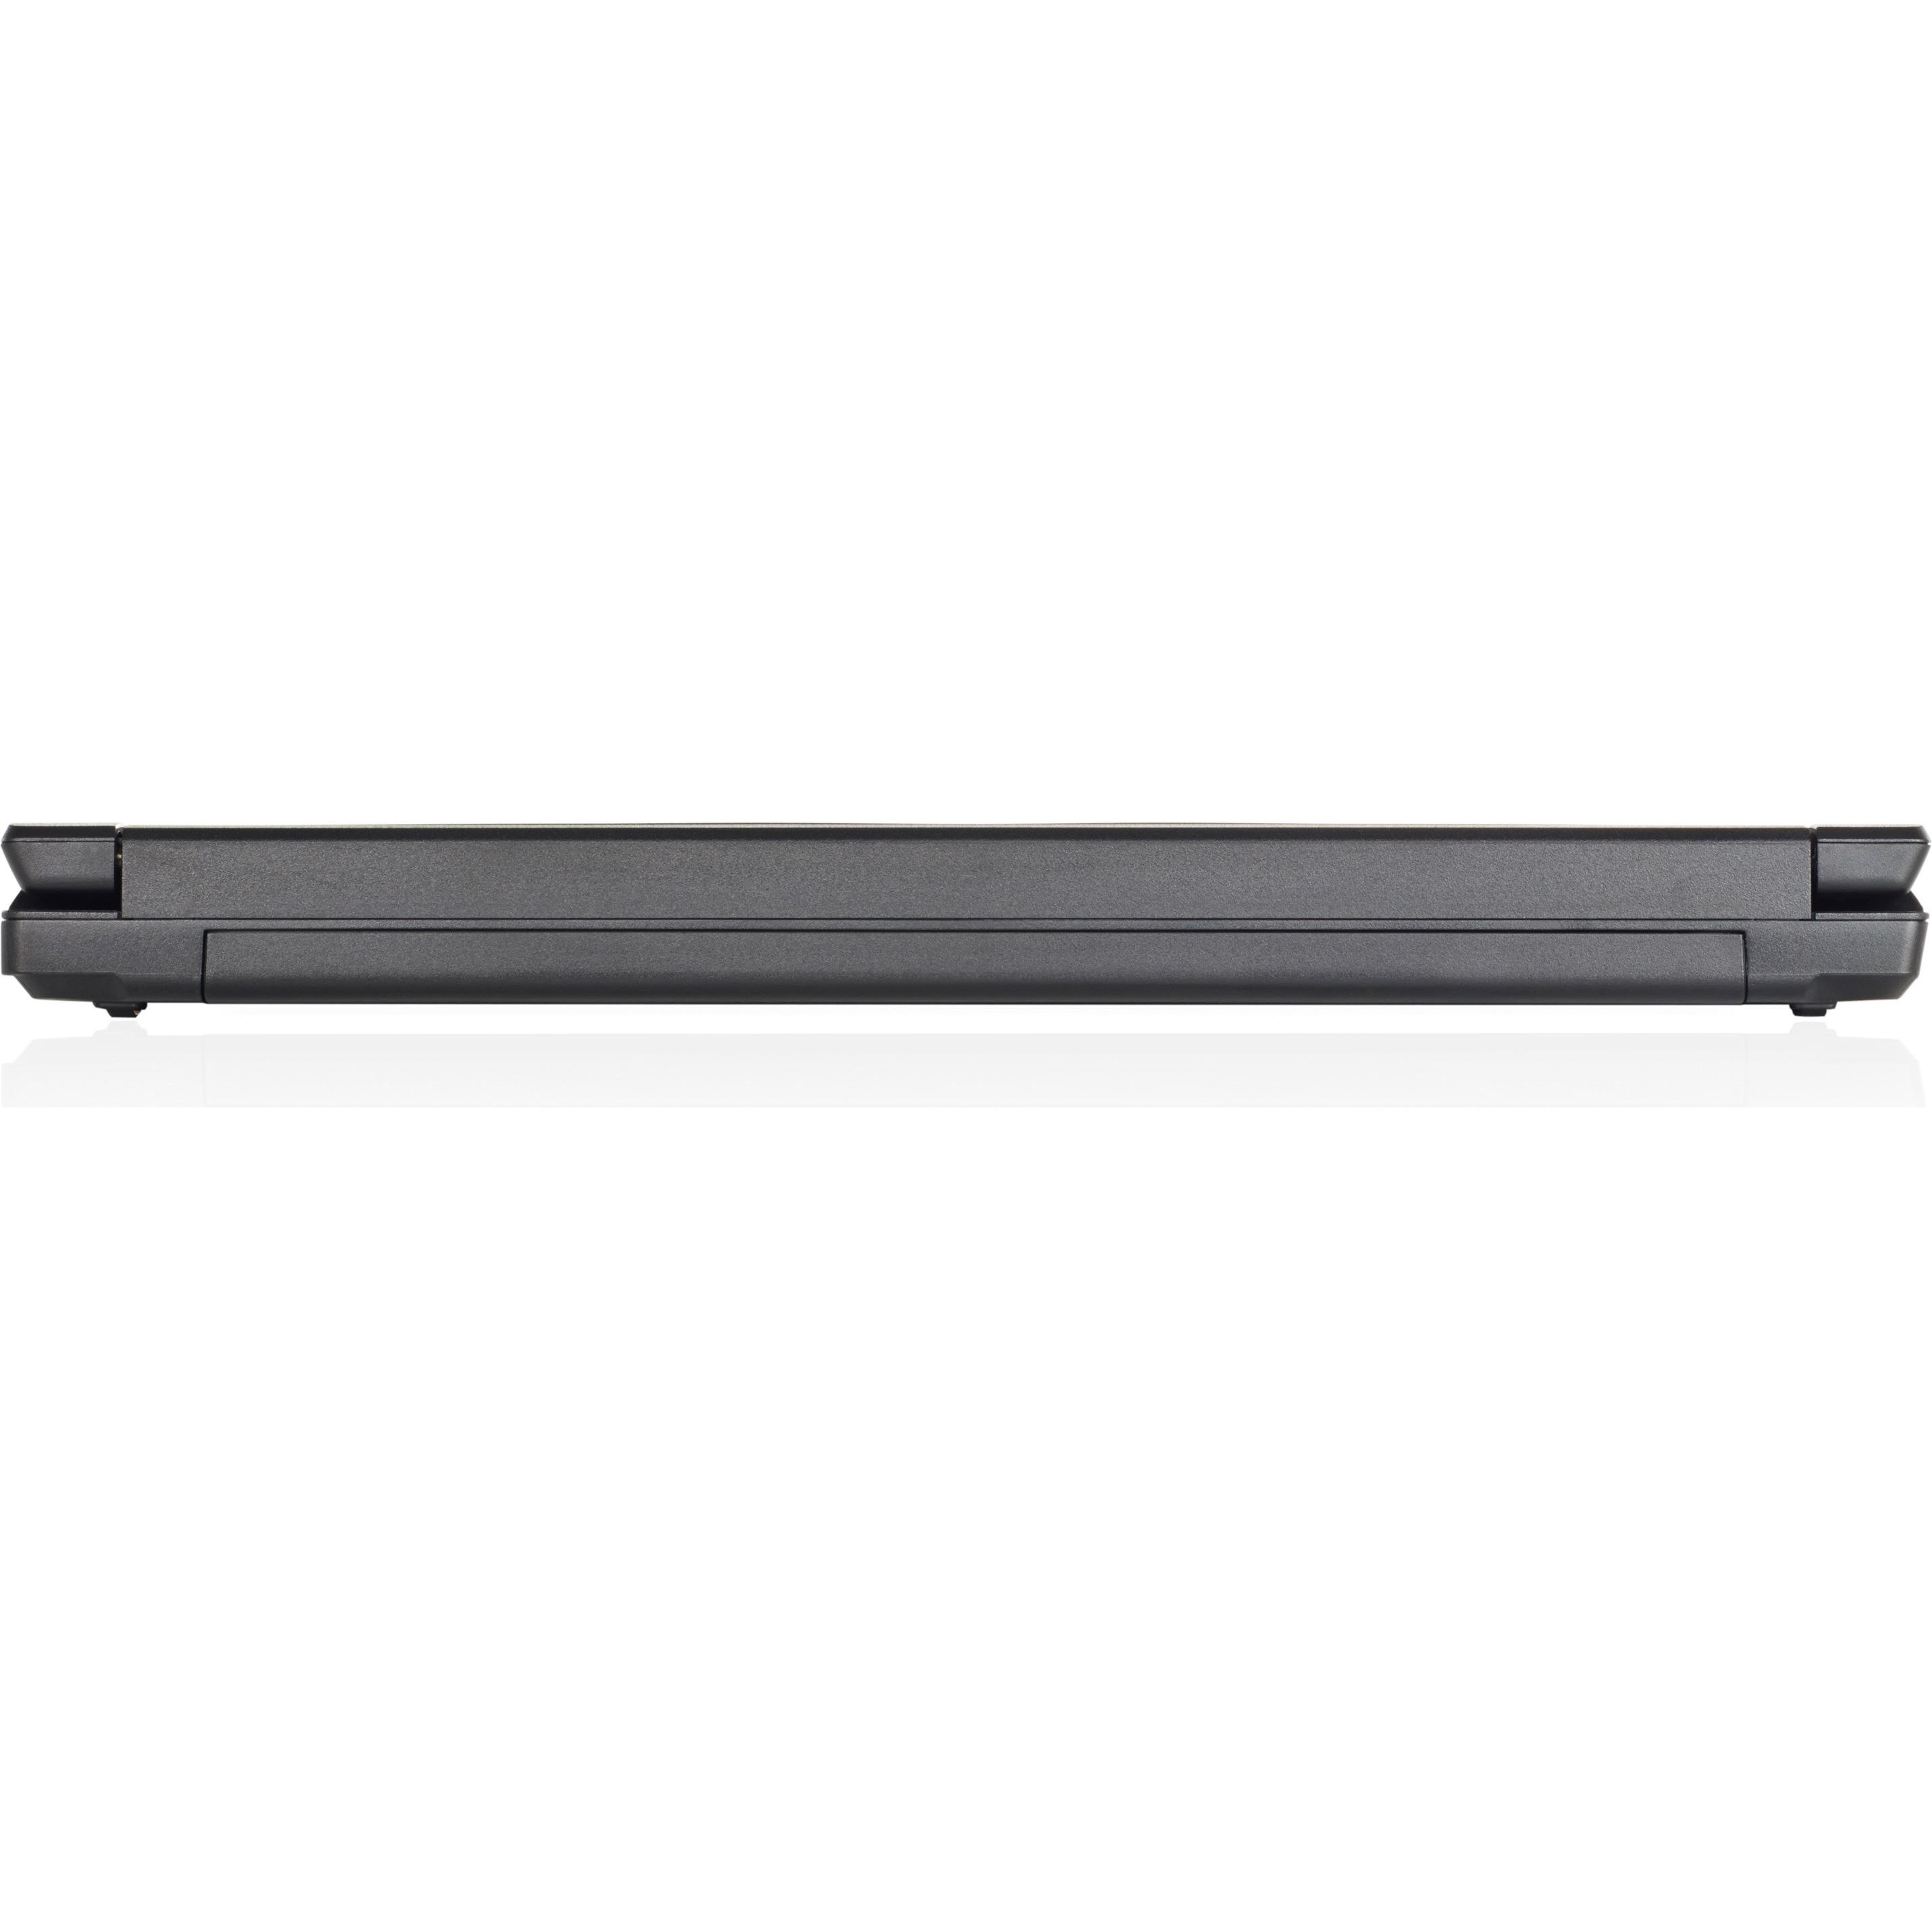 Fujitsu LIFEBOOK E547 35.6 cm 14inch LCD Notebook - Intel Core i5 7th Gen i5-7200U Dual-core 2 Core 2.50 GHz - 8 GB DDR4 SDRAM - 256 GB SSD - Windows 10 Pro 64-bi